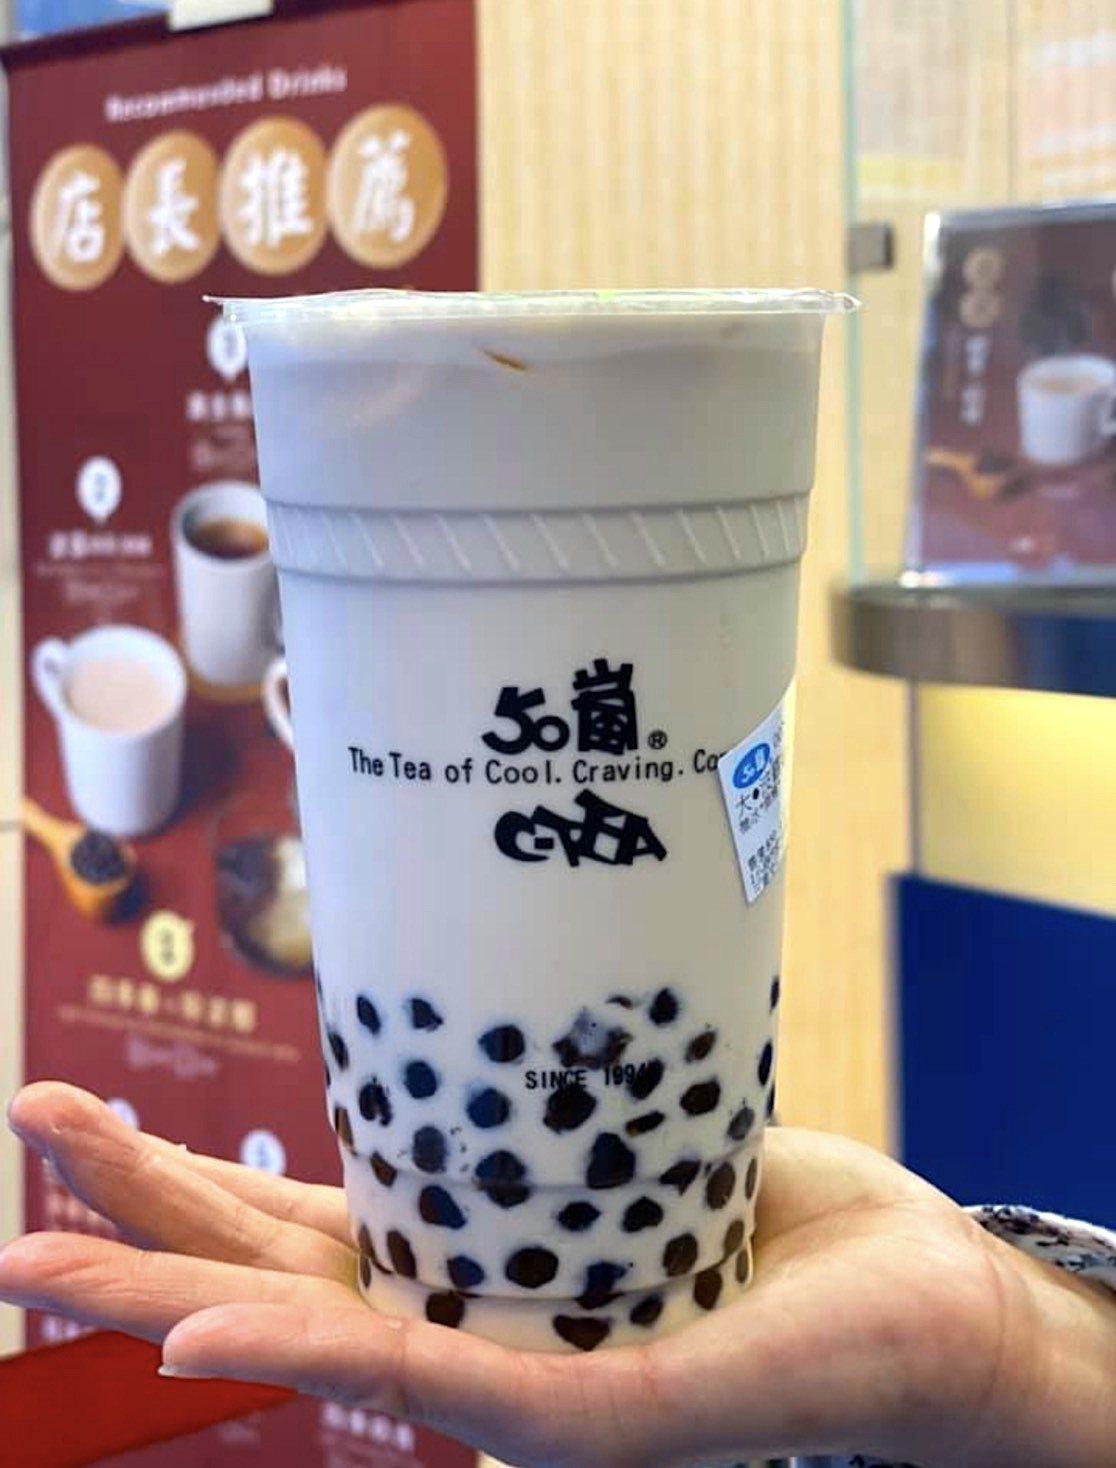 網友最愛奶茶首選50嵐(示意圖)。圖/取自《50嵐》臉書粉絲團